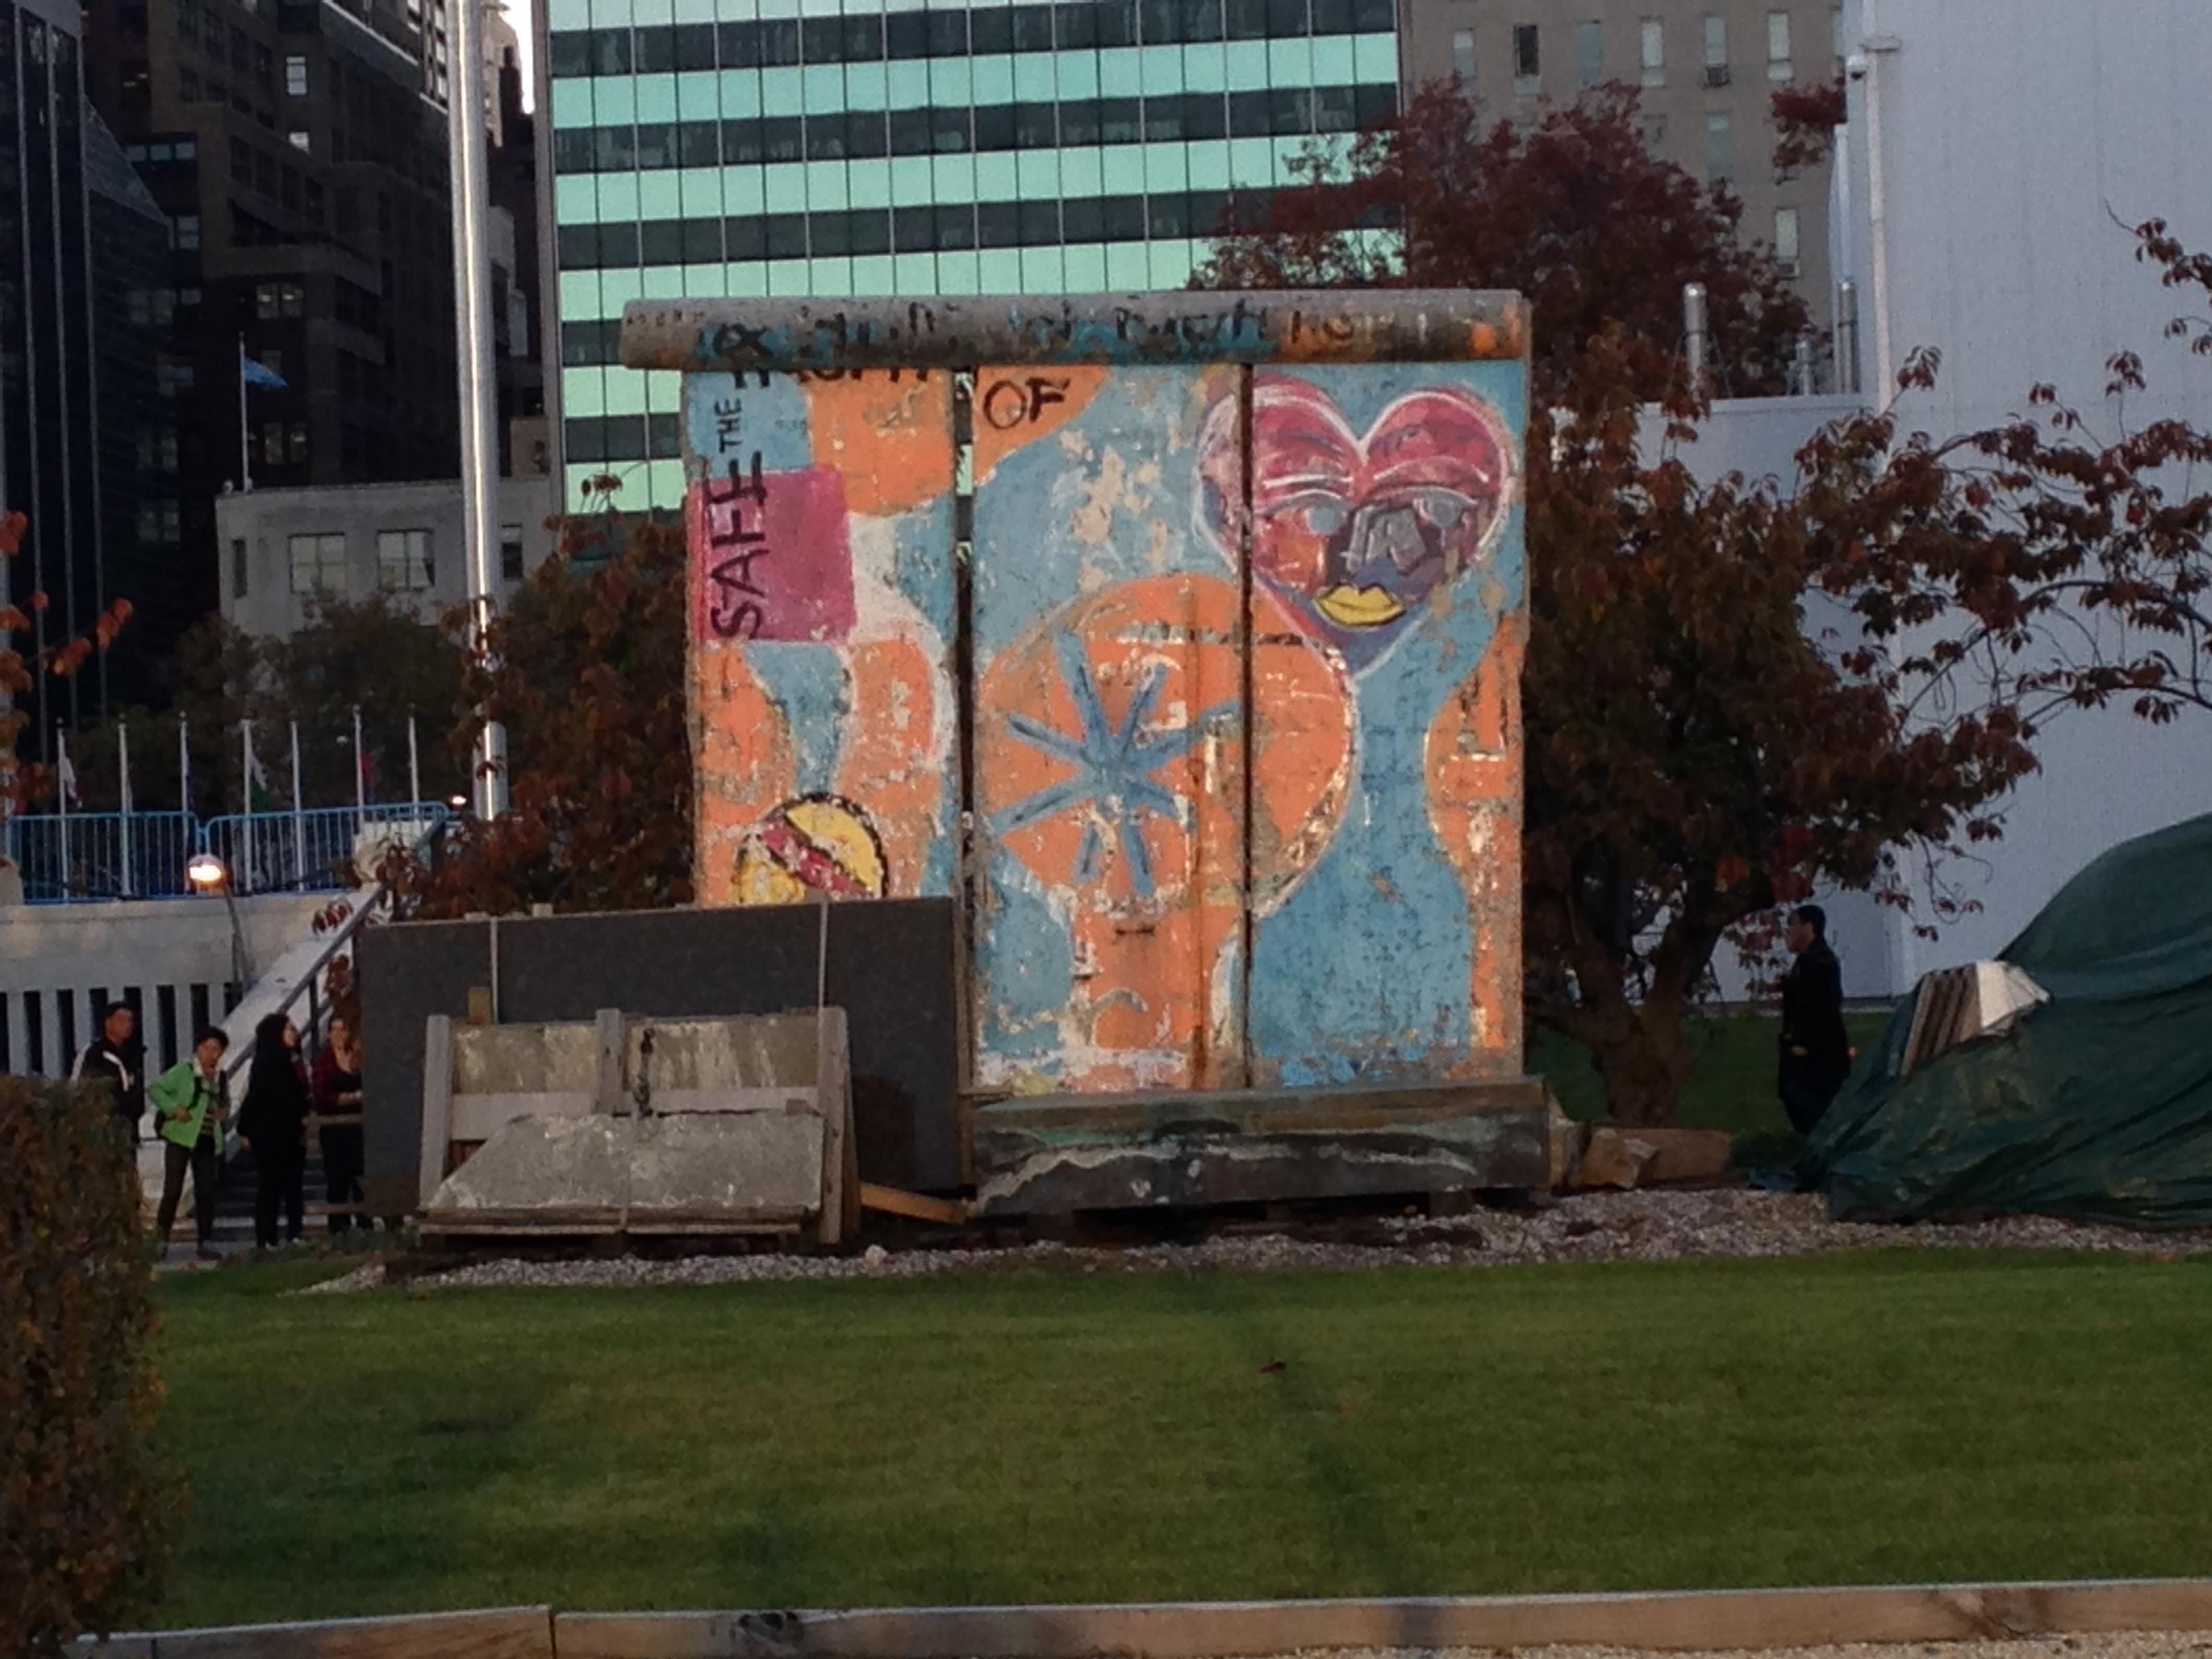 20141110 210600291 ios - Visitando la sede de la ONU en New York